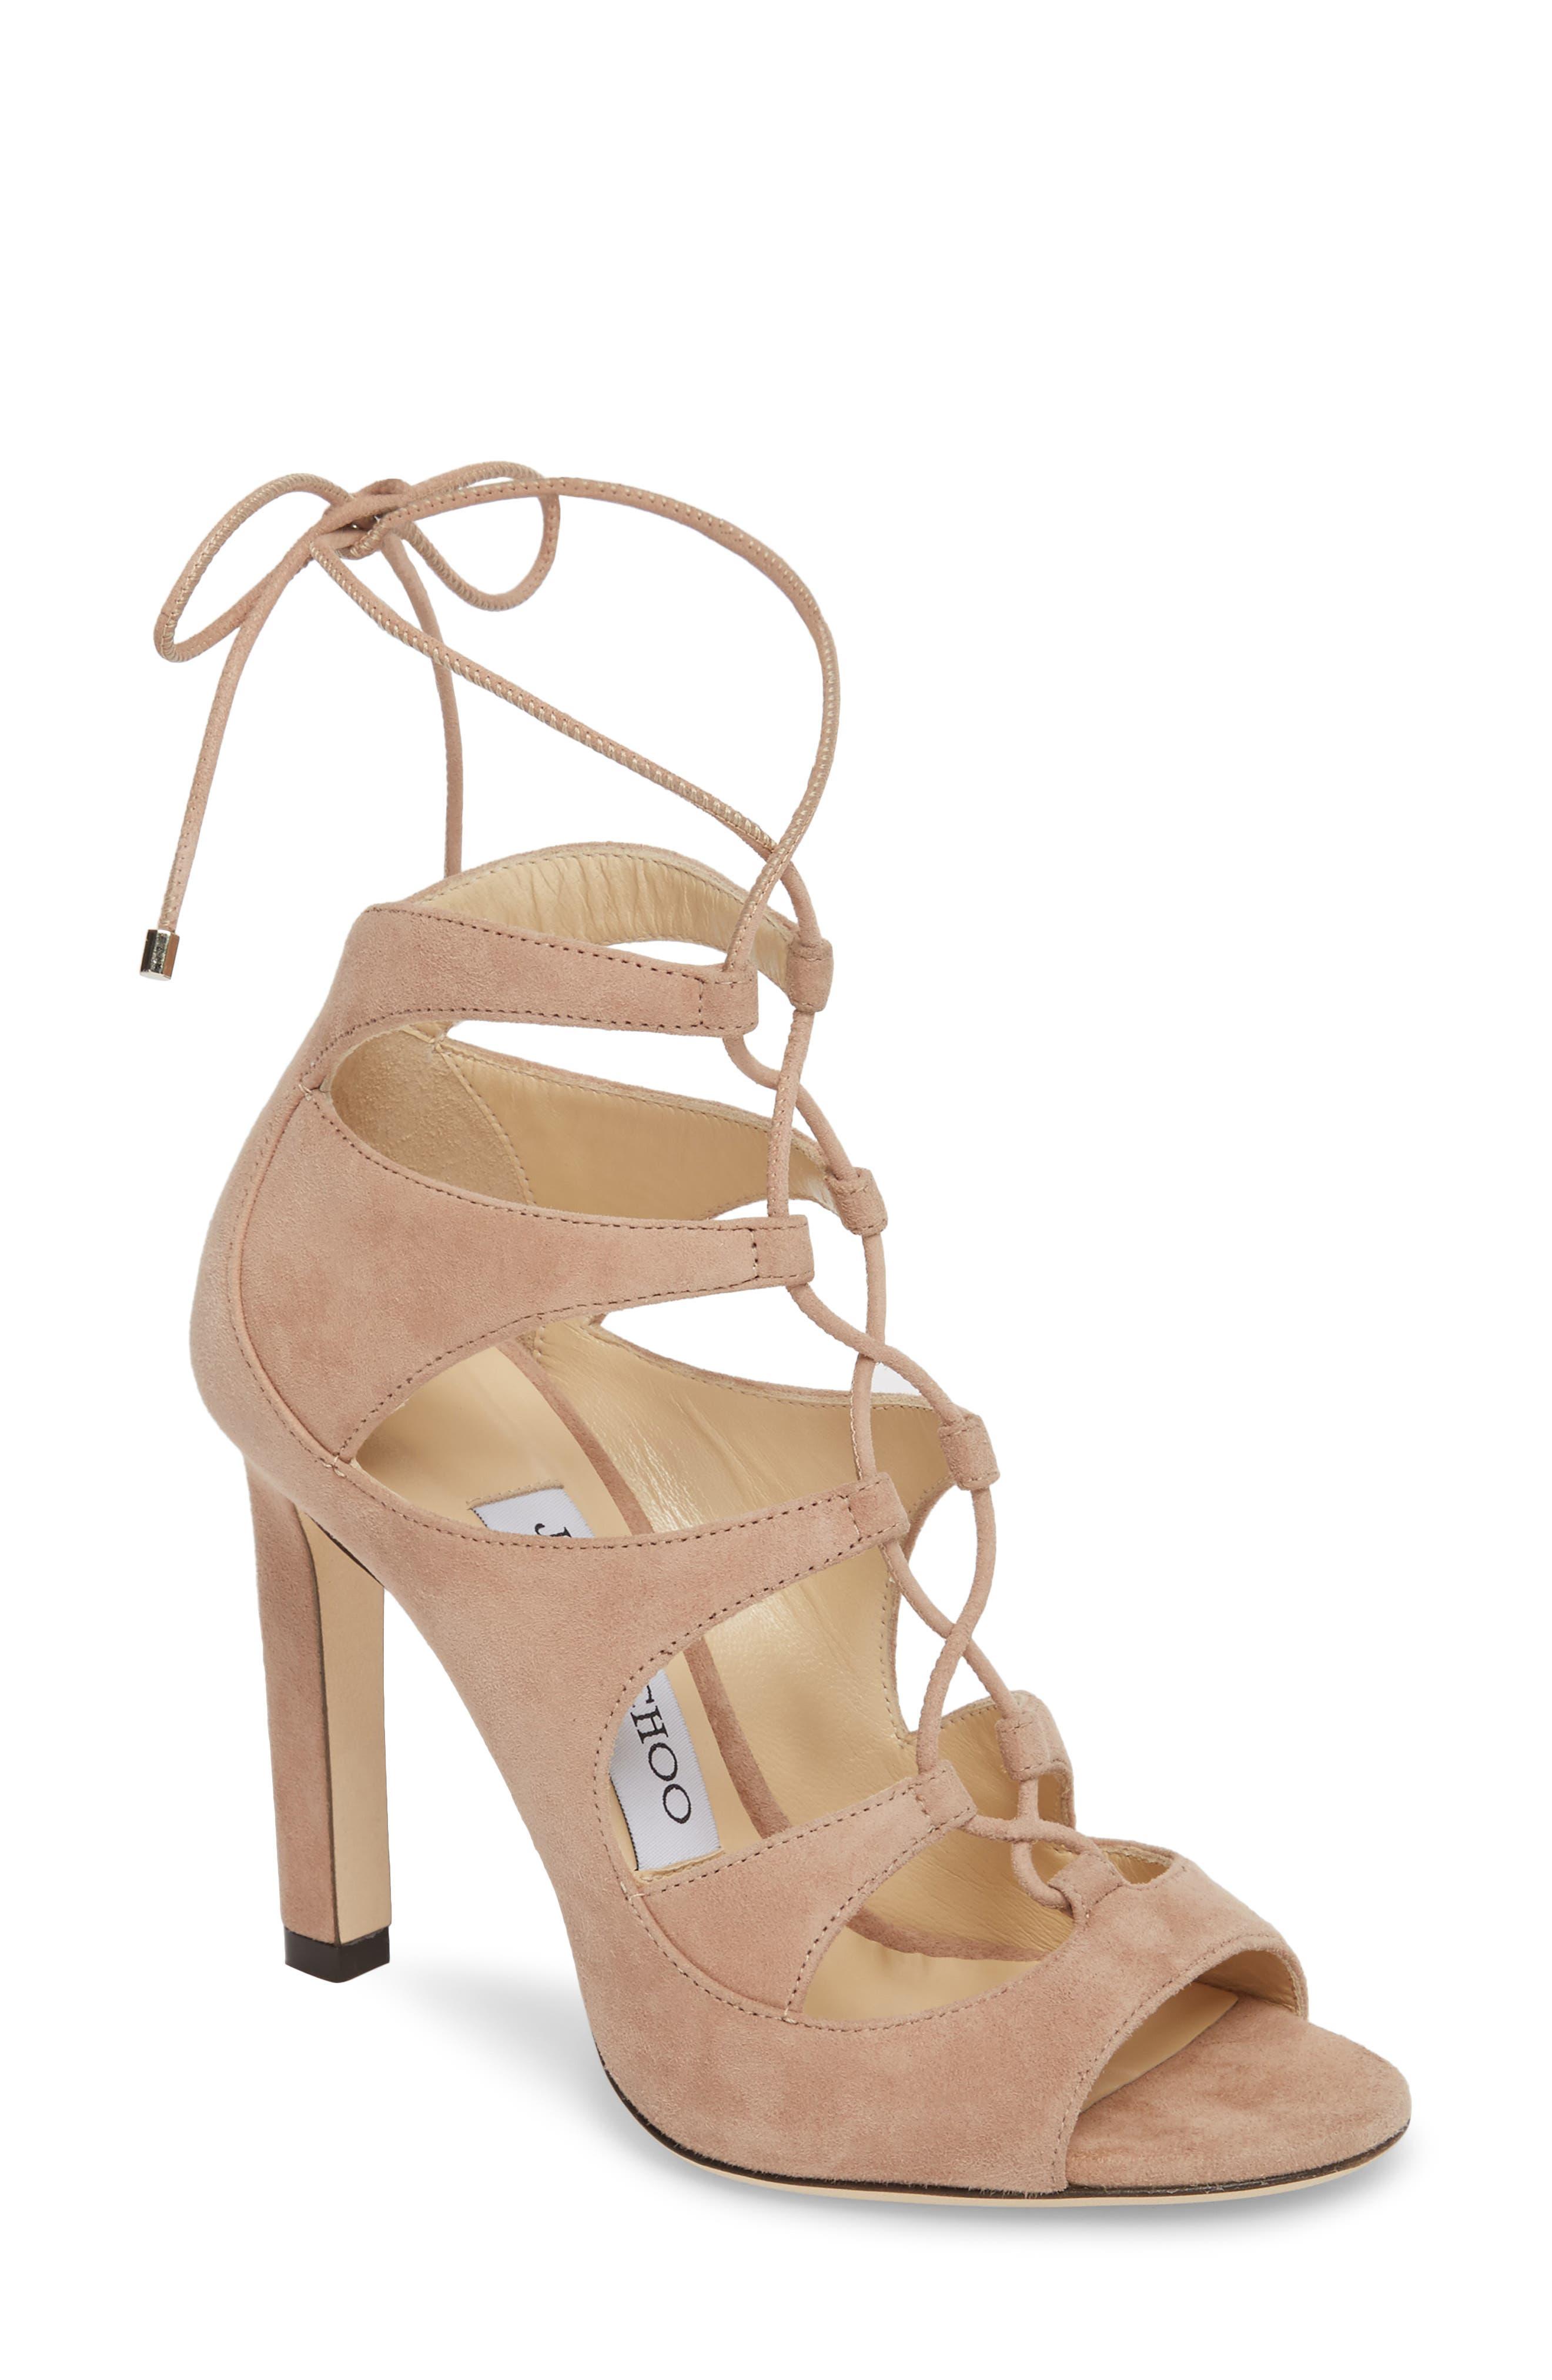 Main Image - Jimmy Choo Blake Lace-Up Sandal (Women)